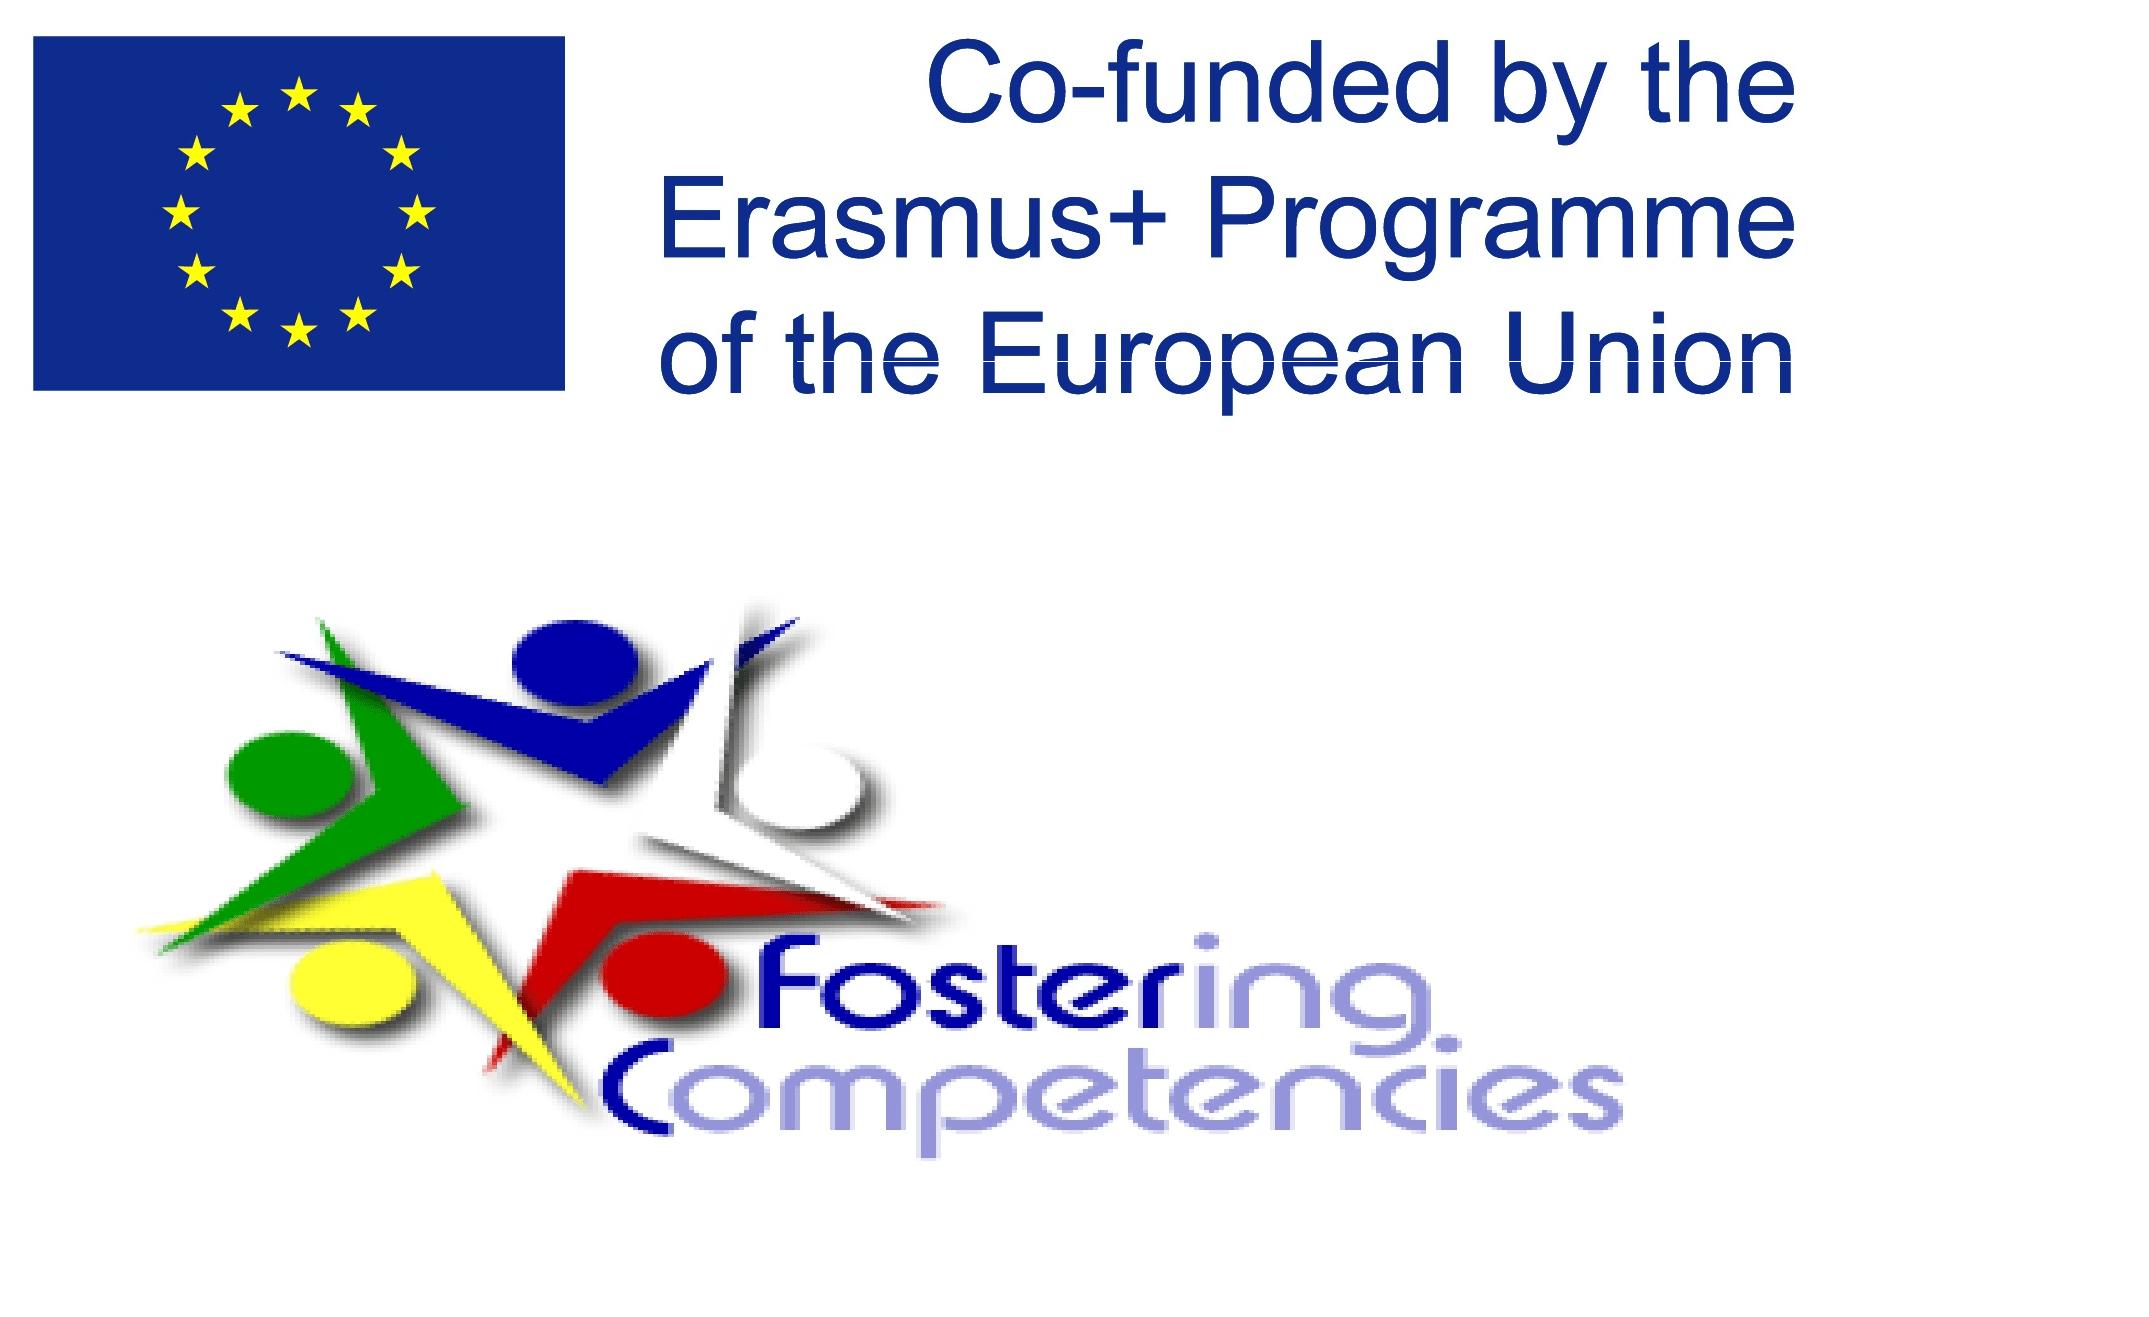 Участники проекта FOSTERC на XII Международной научно-методической конференции «Перспективы развития высшей школы» 30-31 мая 2019 года